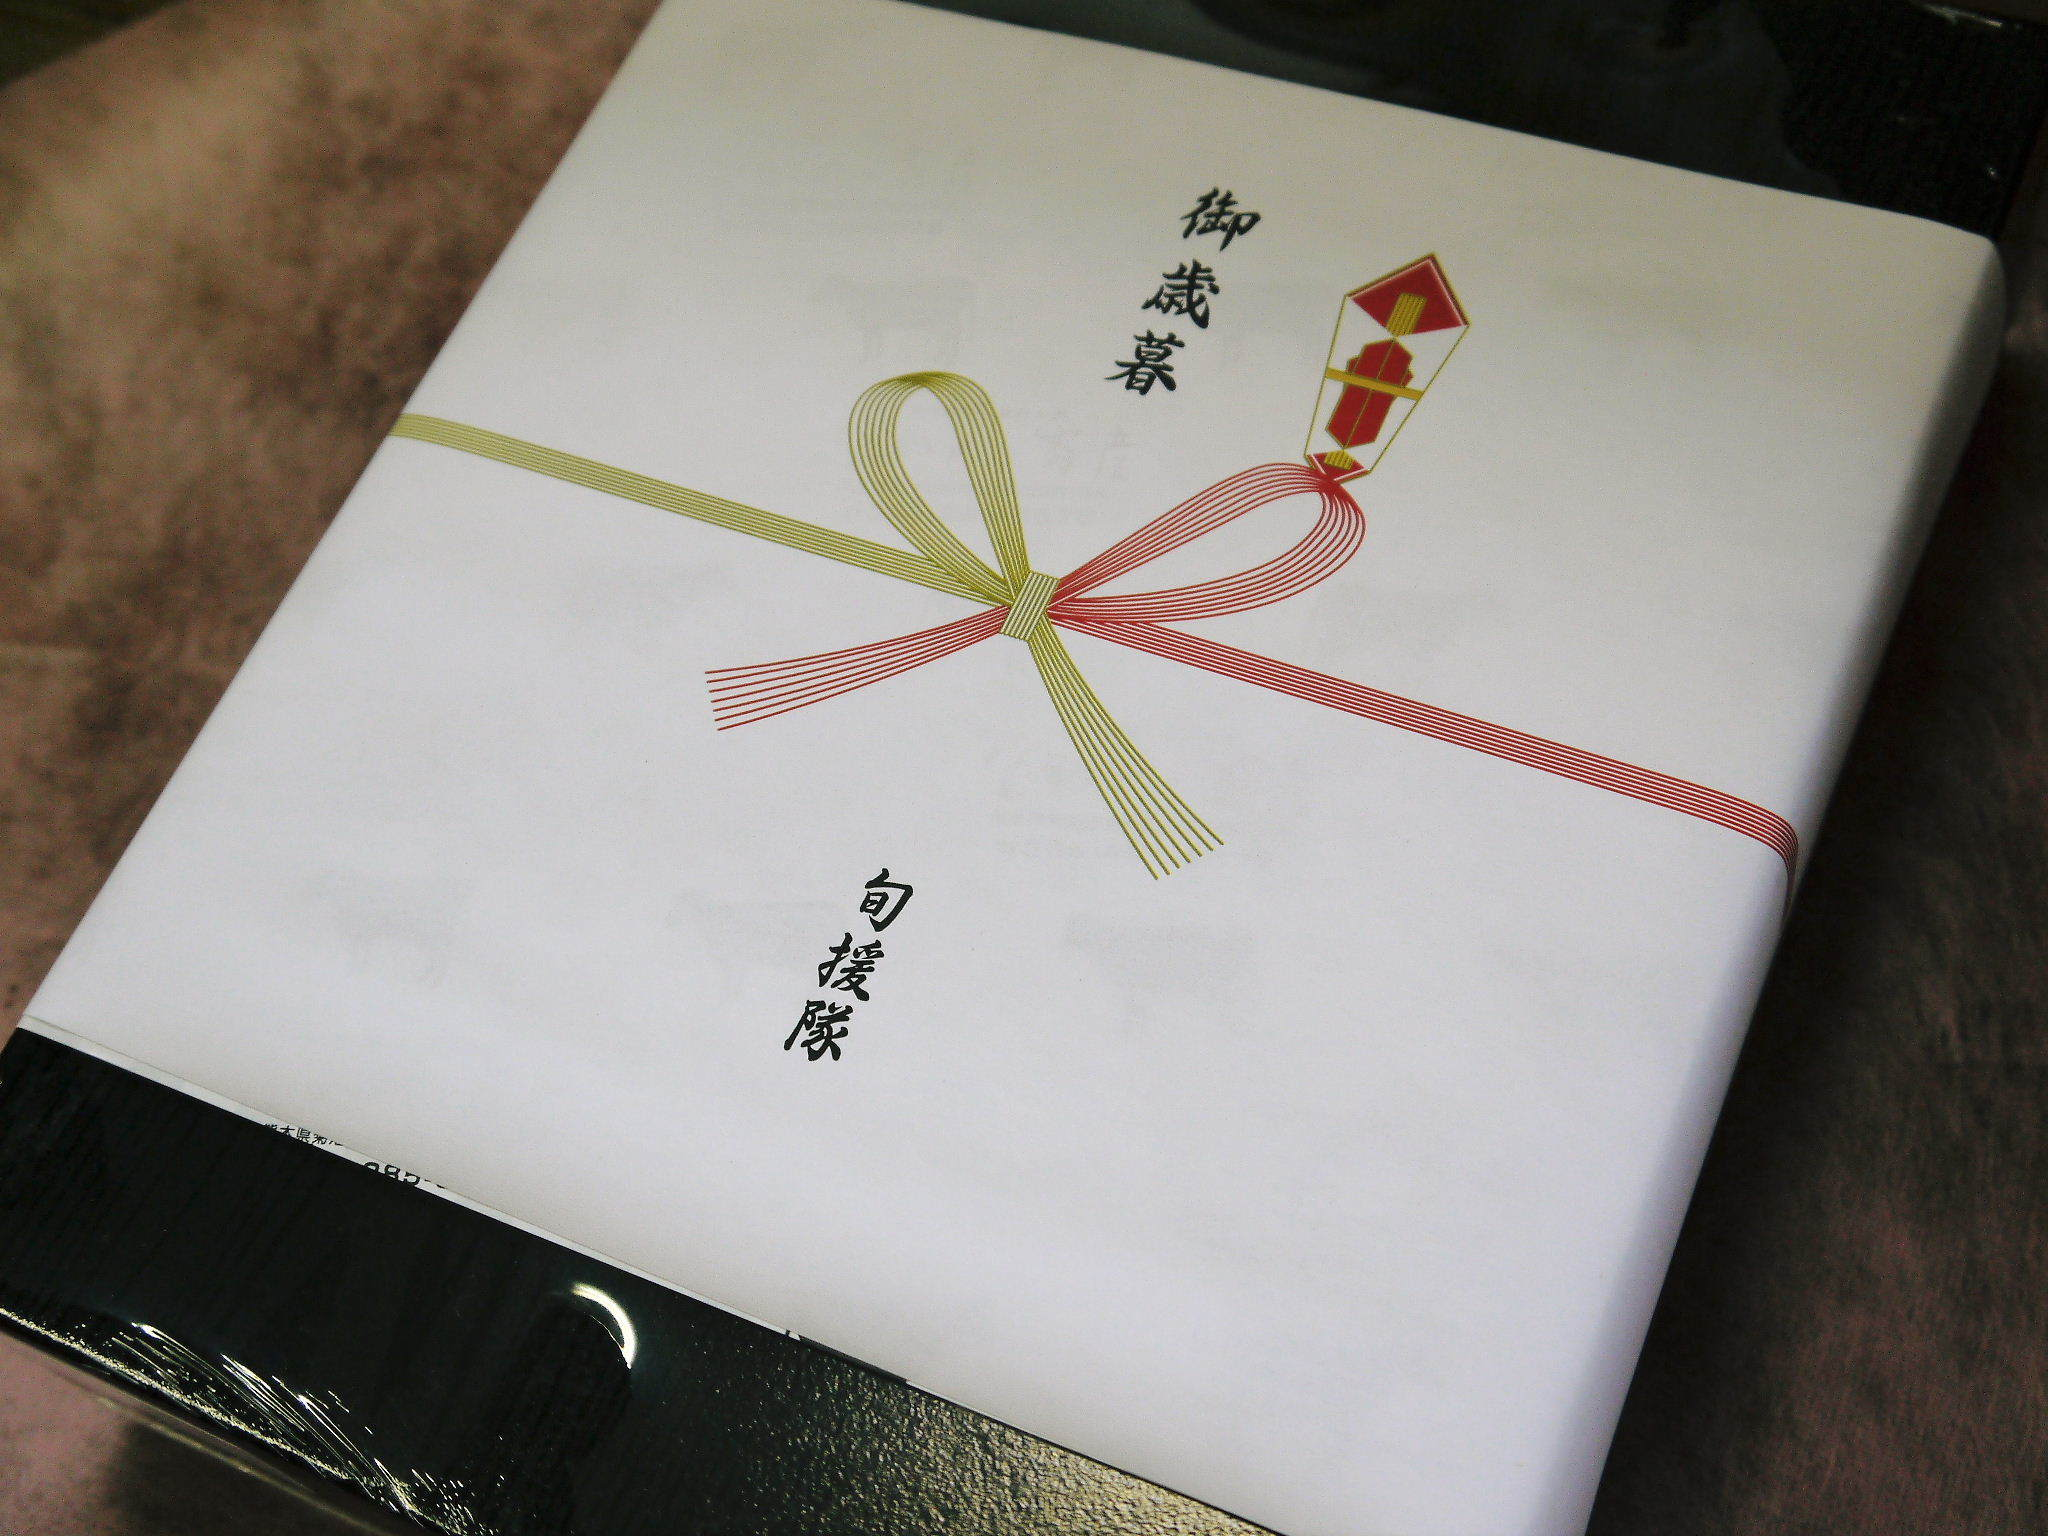 熊本県産A5ランク黒毛和牛100%のハンバーグステーキ!令和2年最終出荷は12月16日(水)残りわずかです_a0254656_18013886.jpg